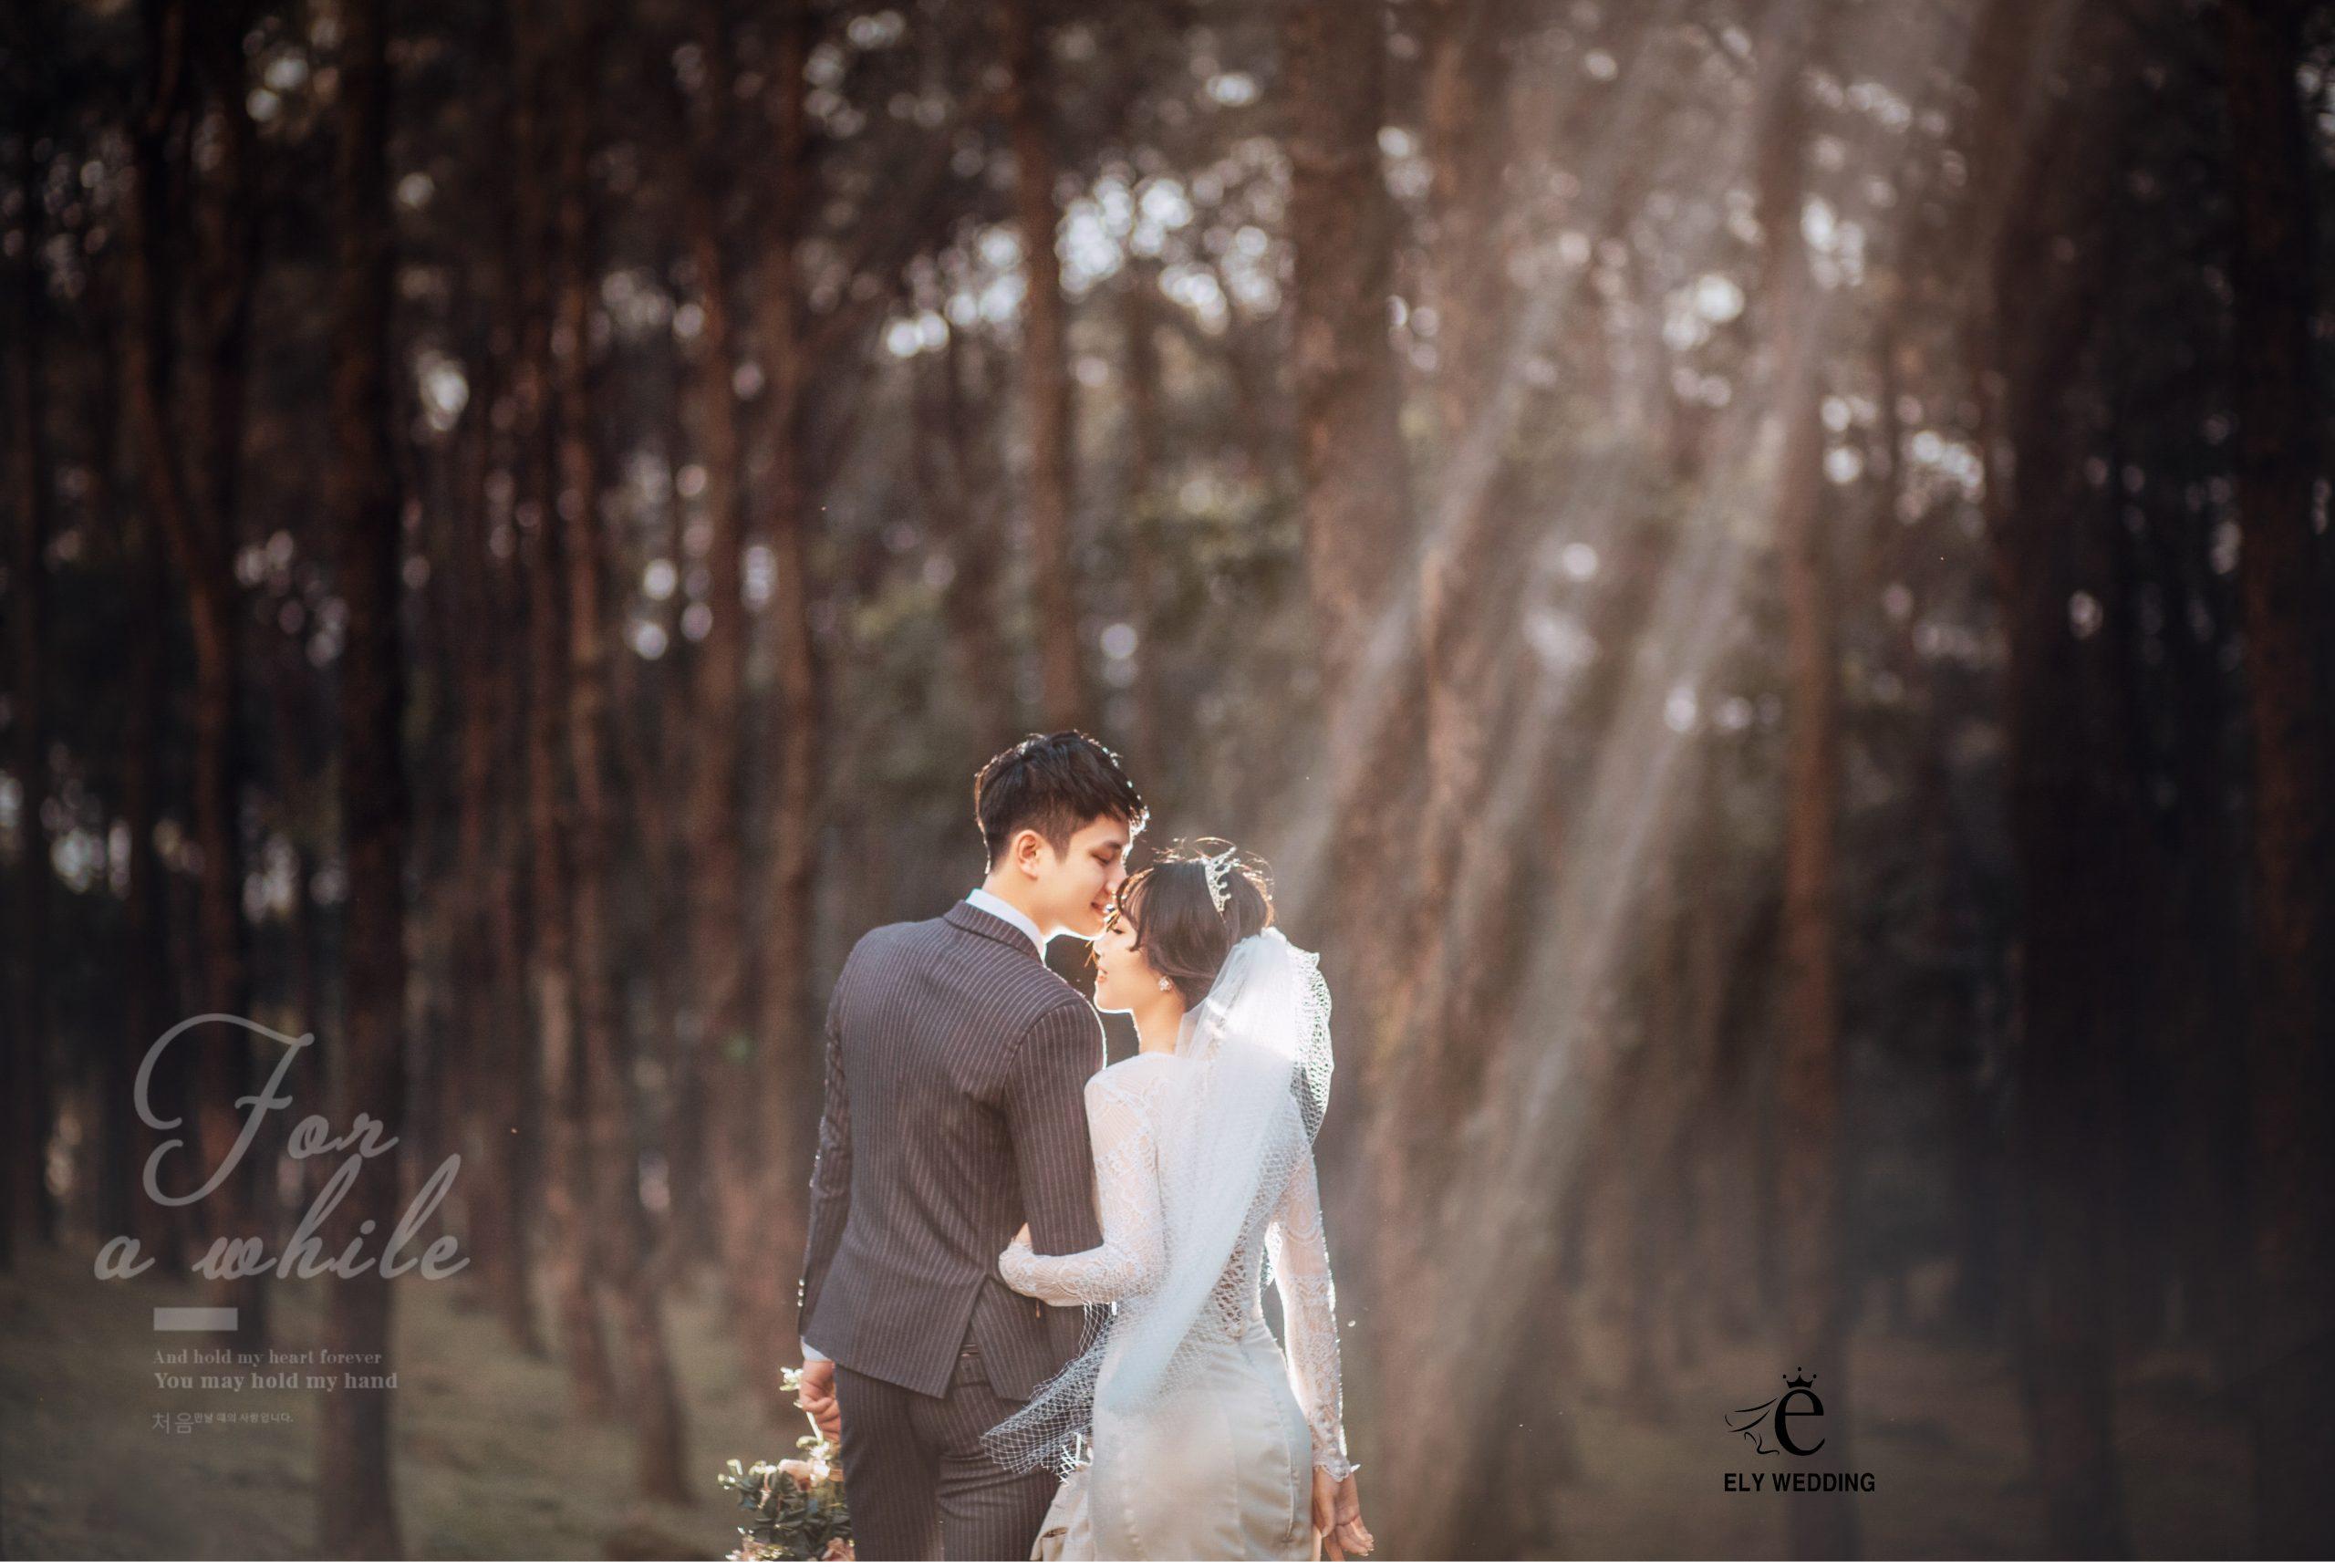 Mách bạn 4 địa điểm chụp ảnh cưới đẹp gần Hà Nội